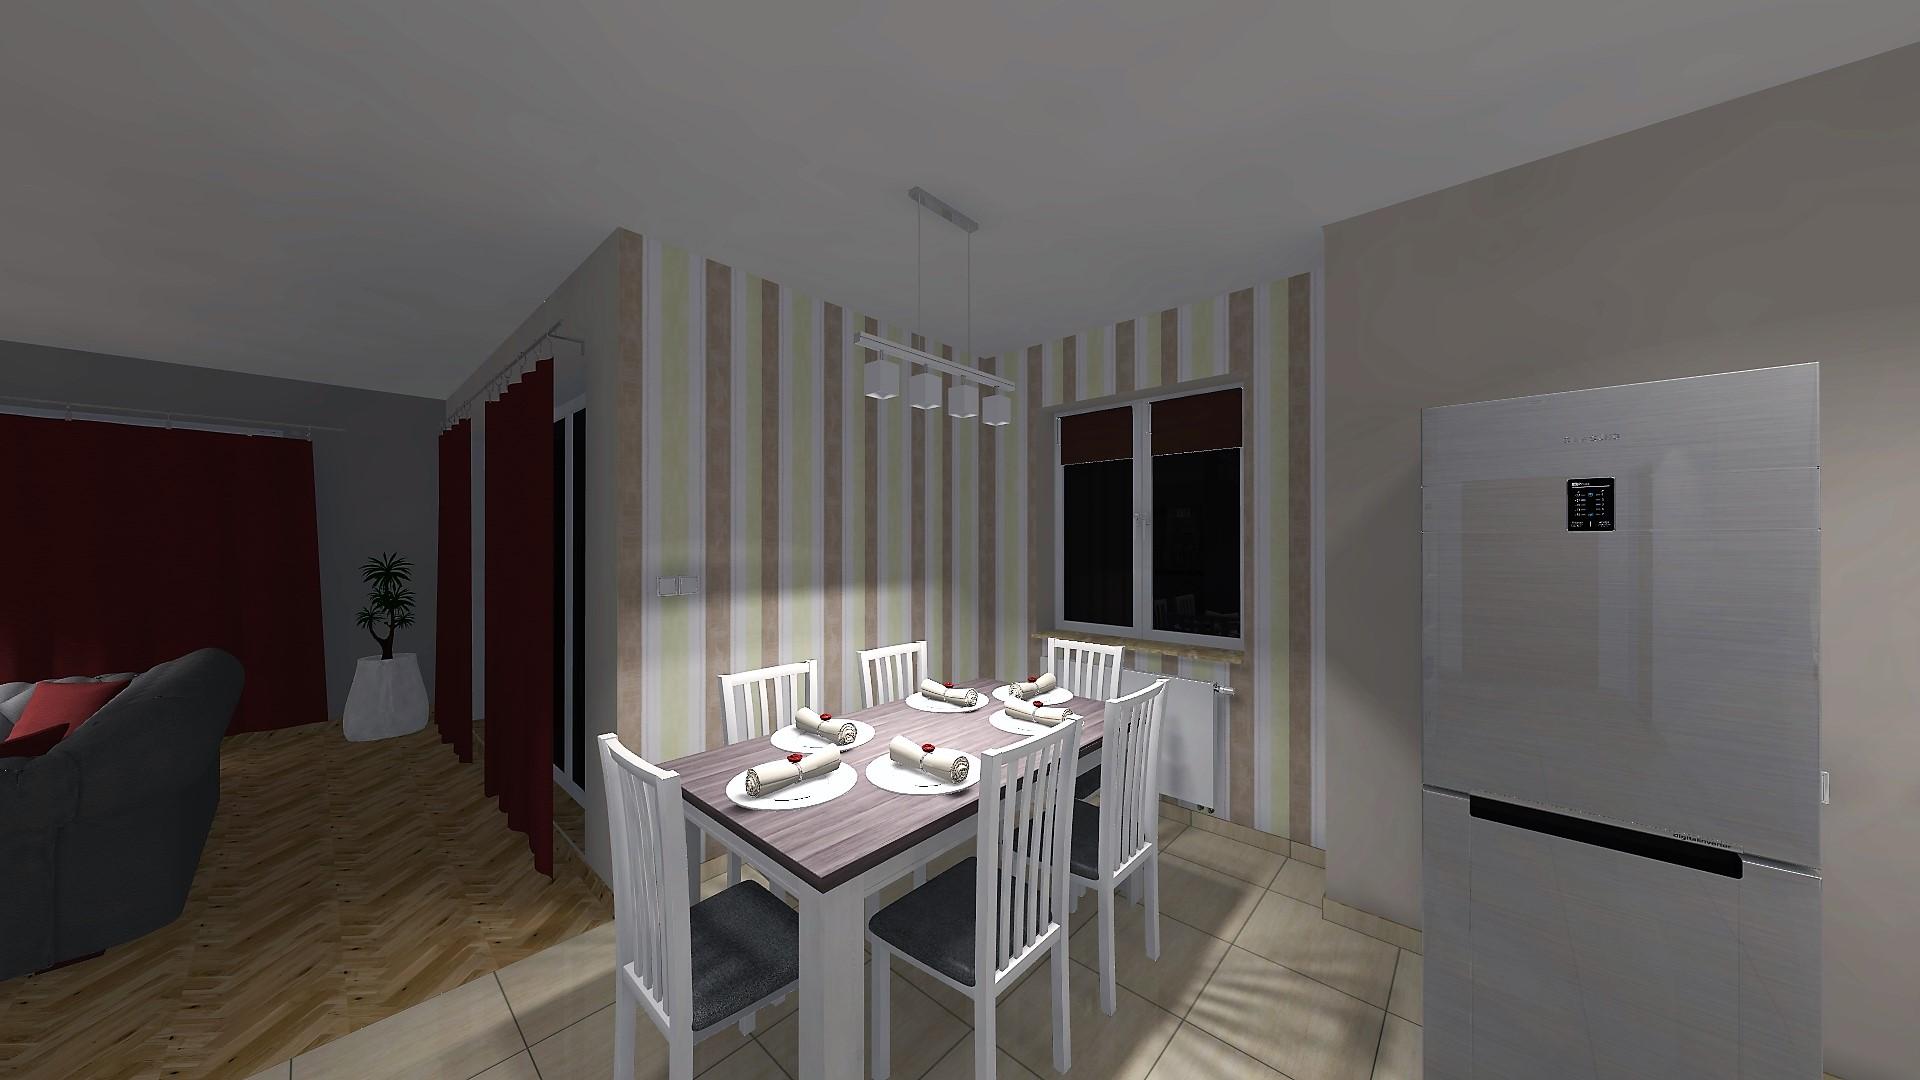 kuchnia+jadalnia+salon (6)